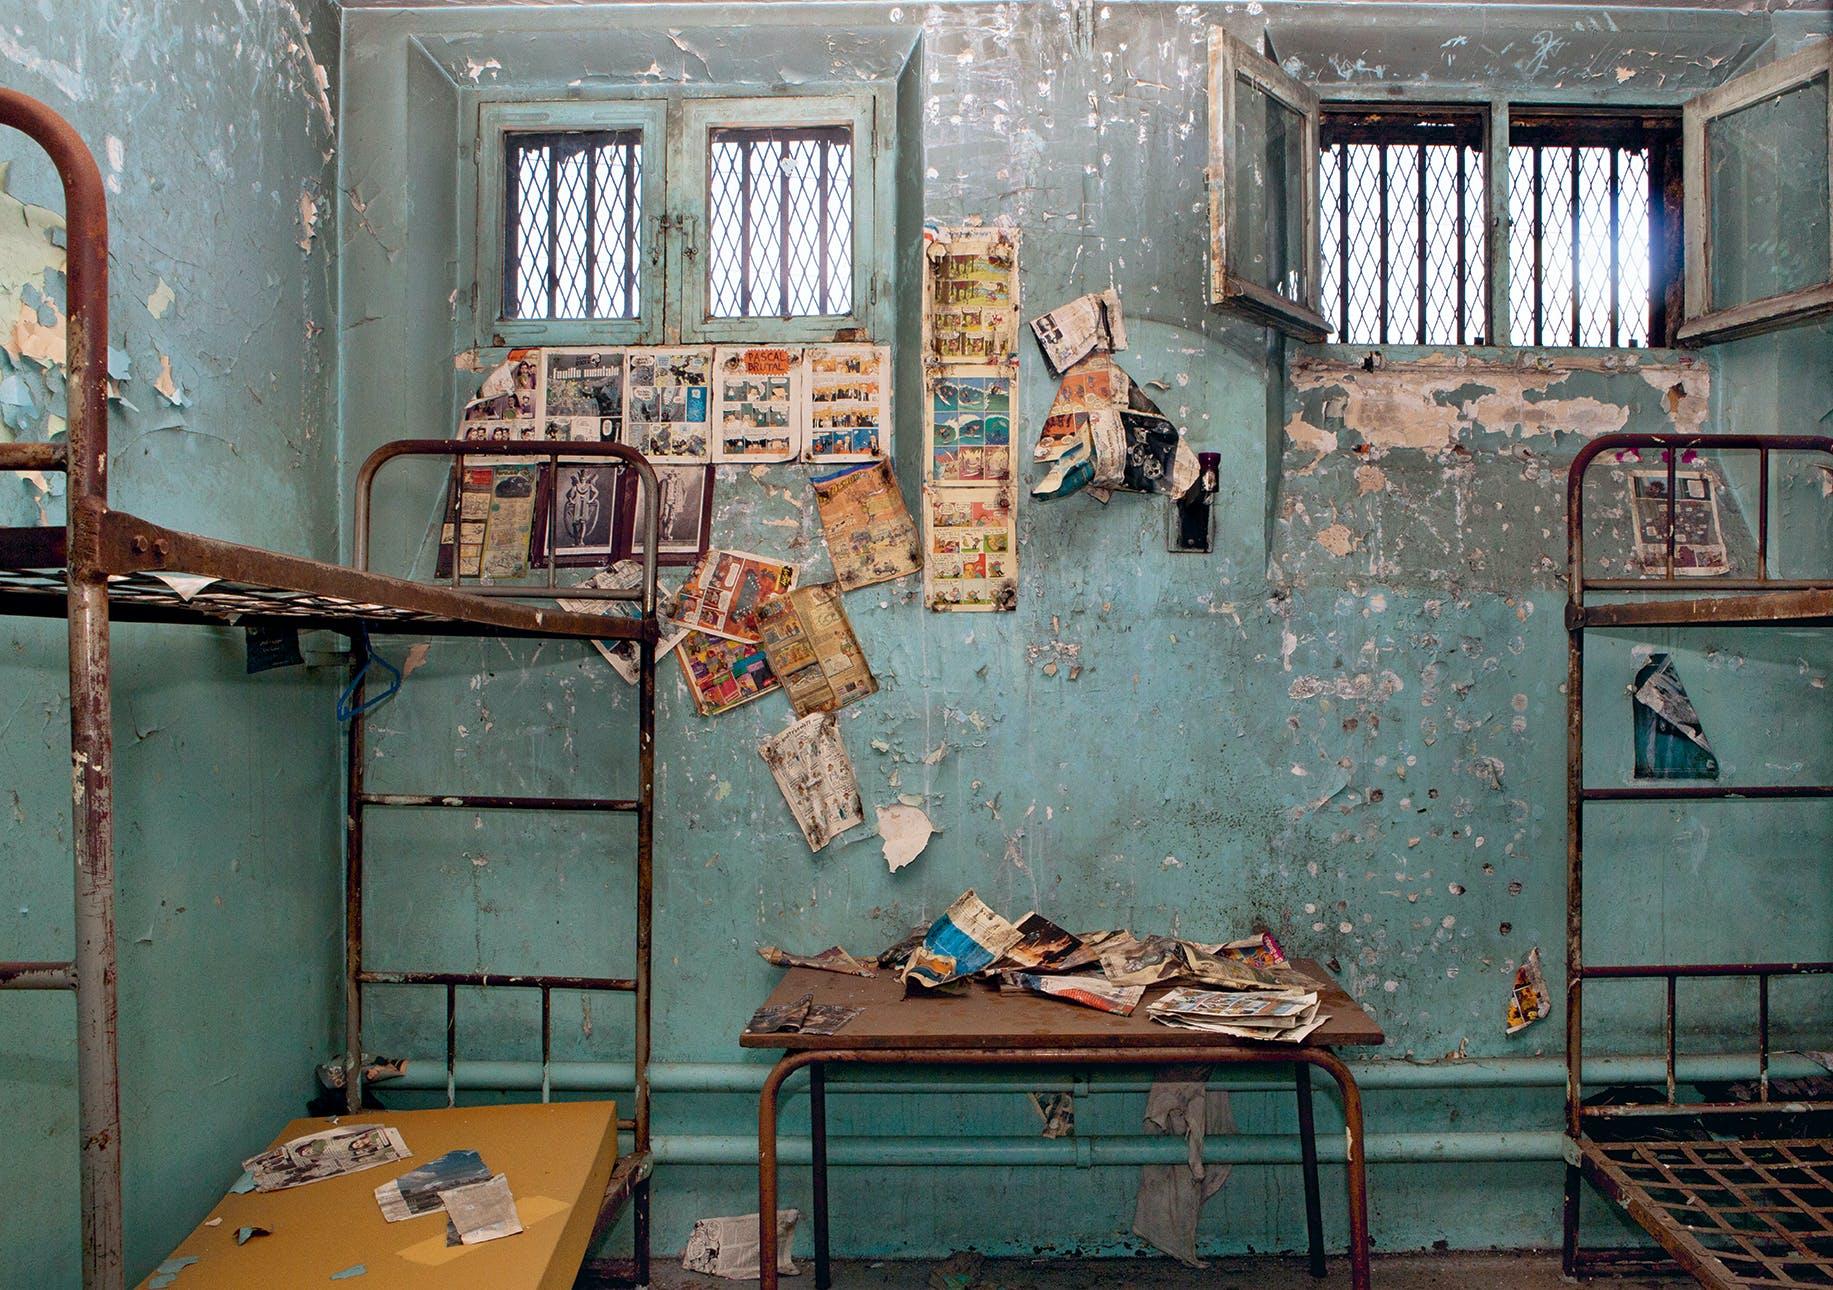 LA SANTÉ: THE ONLY PRISON REMAINING INSIDE PARIS